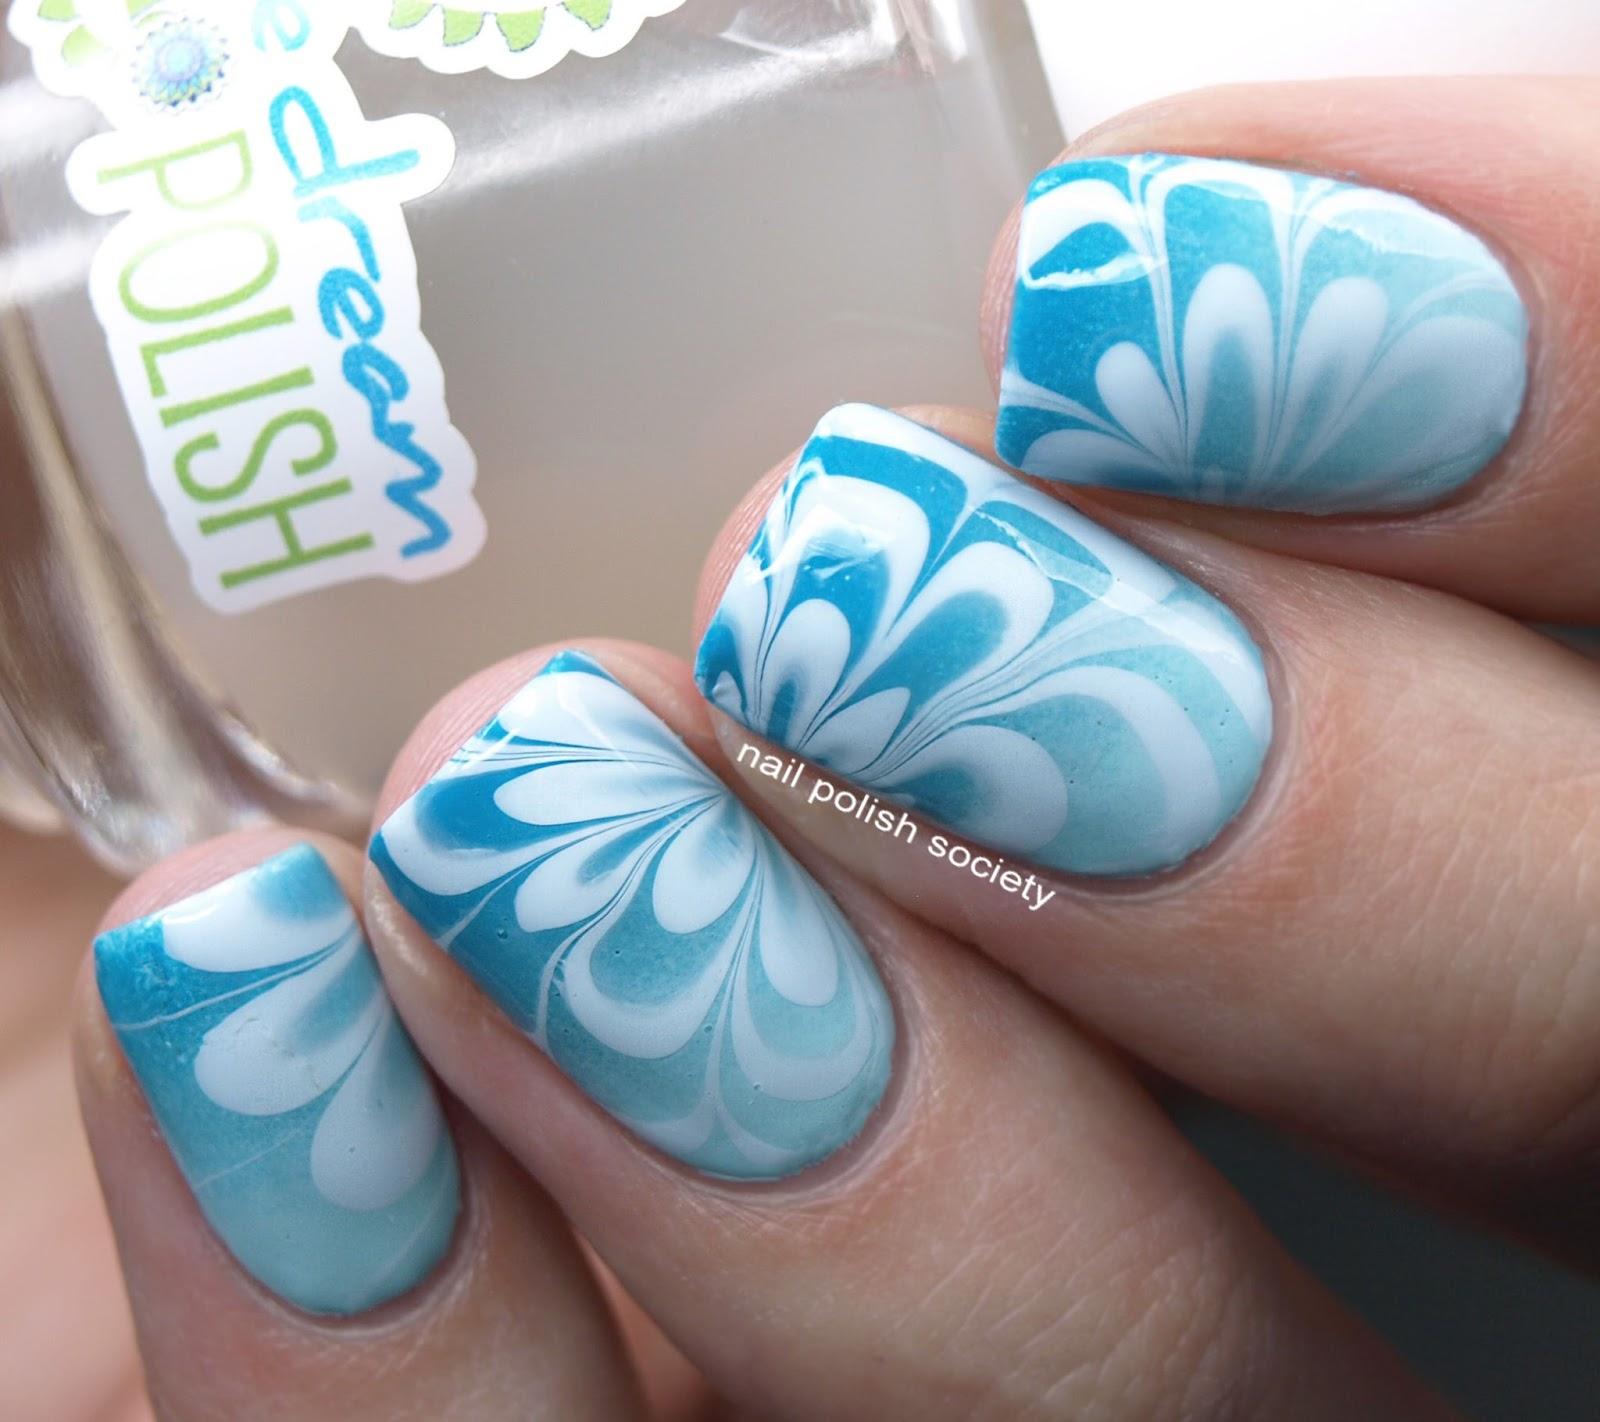 Aqua Nail Art: Nail Polish Society: 40 Great Nail Art Ideas: Aqua Or